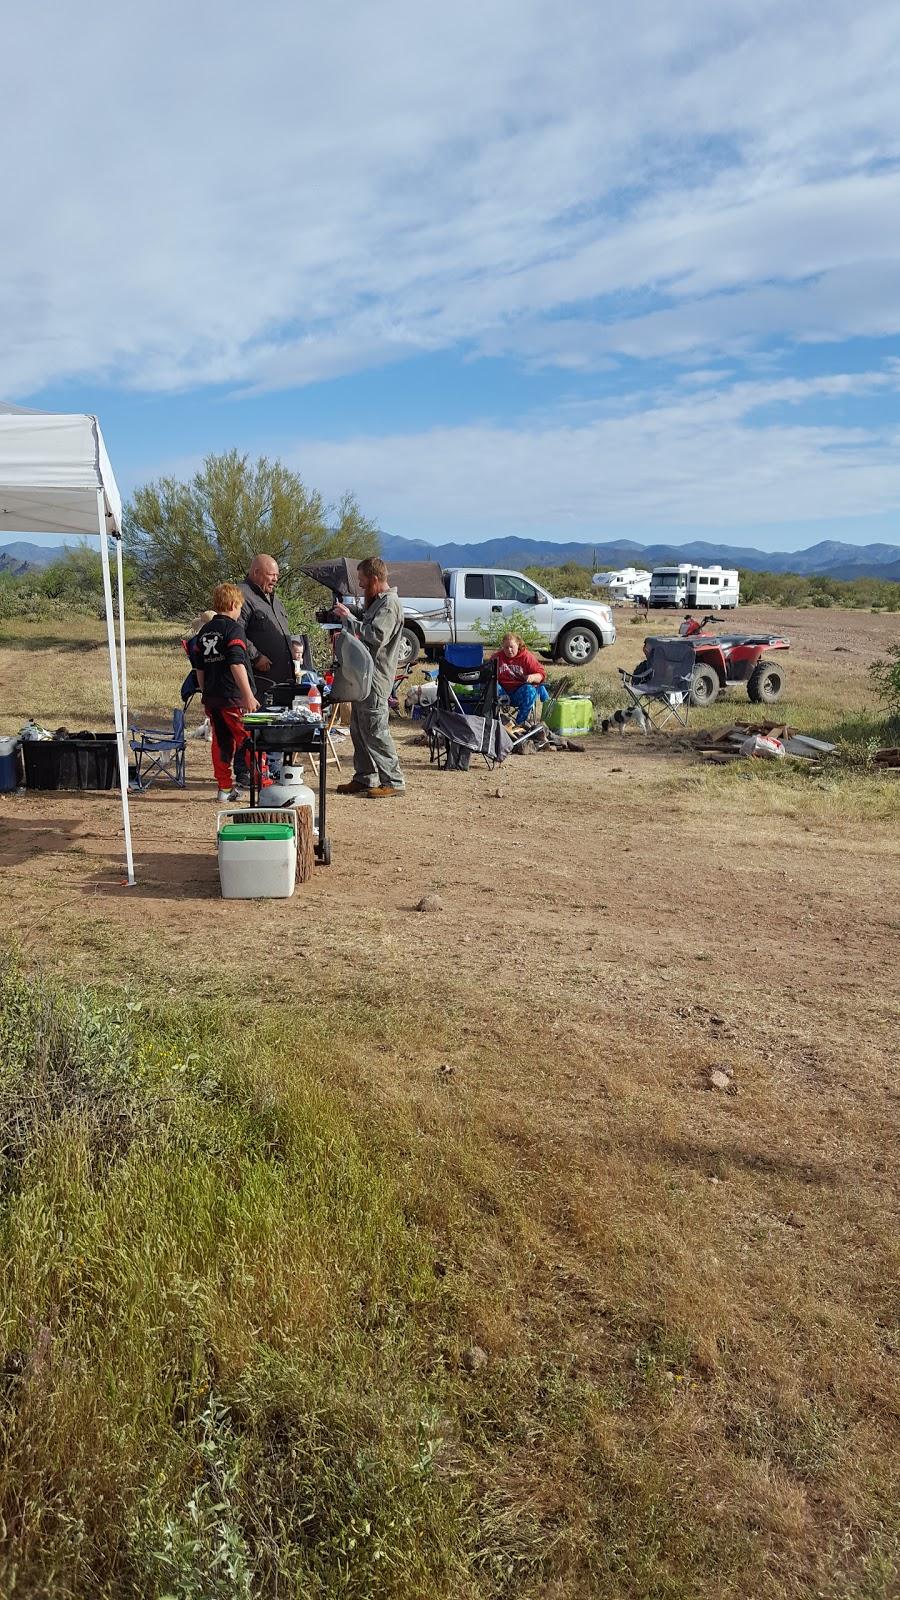 Camp Spot (BLM) - lodging  | Photo 1 of 10 | Address: Morristown, AZ 85342, USA